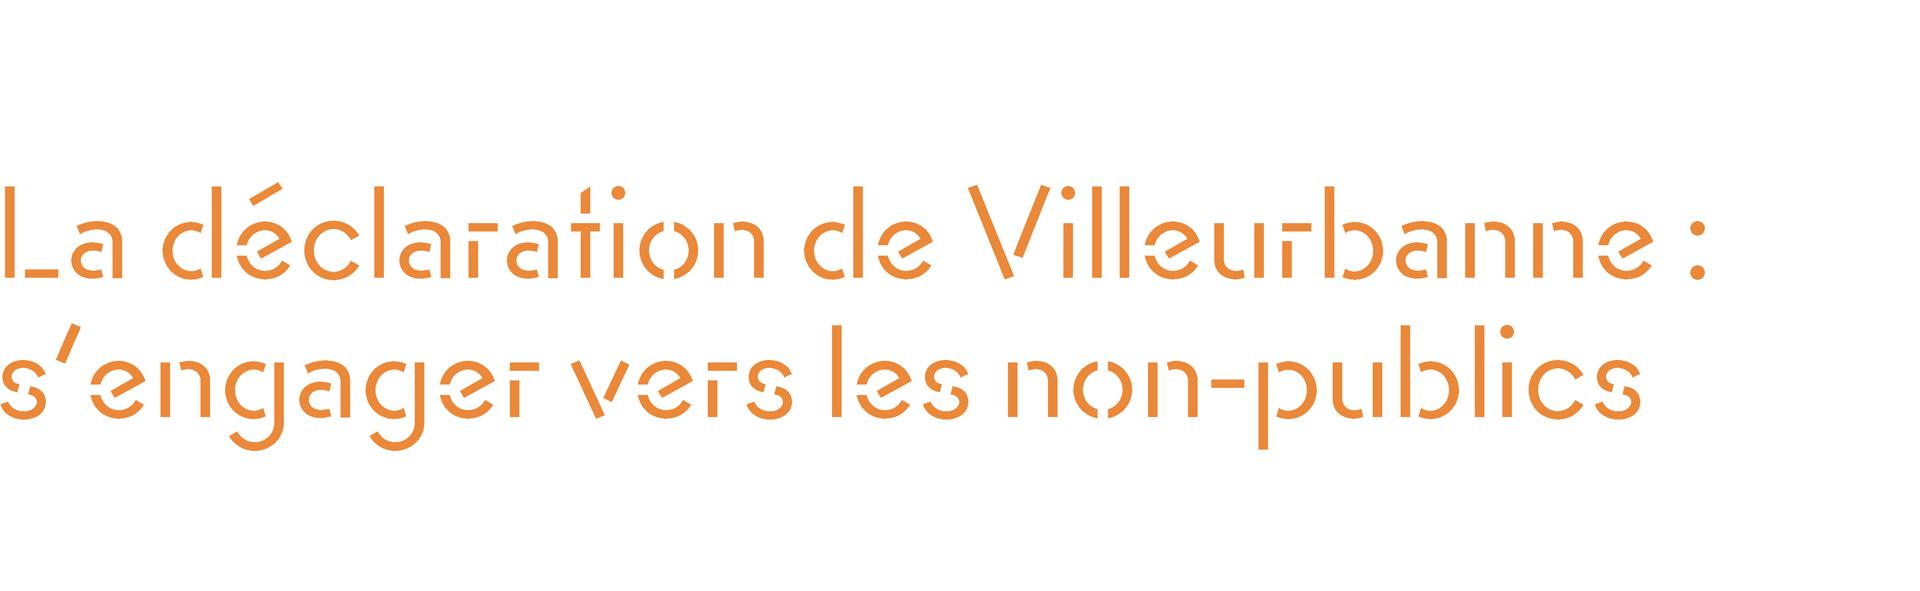 La déclaration de Villeurbanne : s'engager vers des non-publics